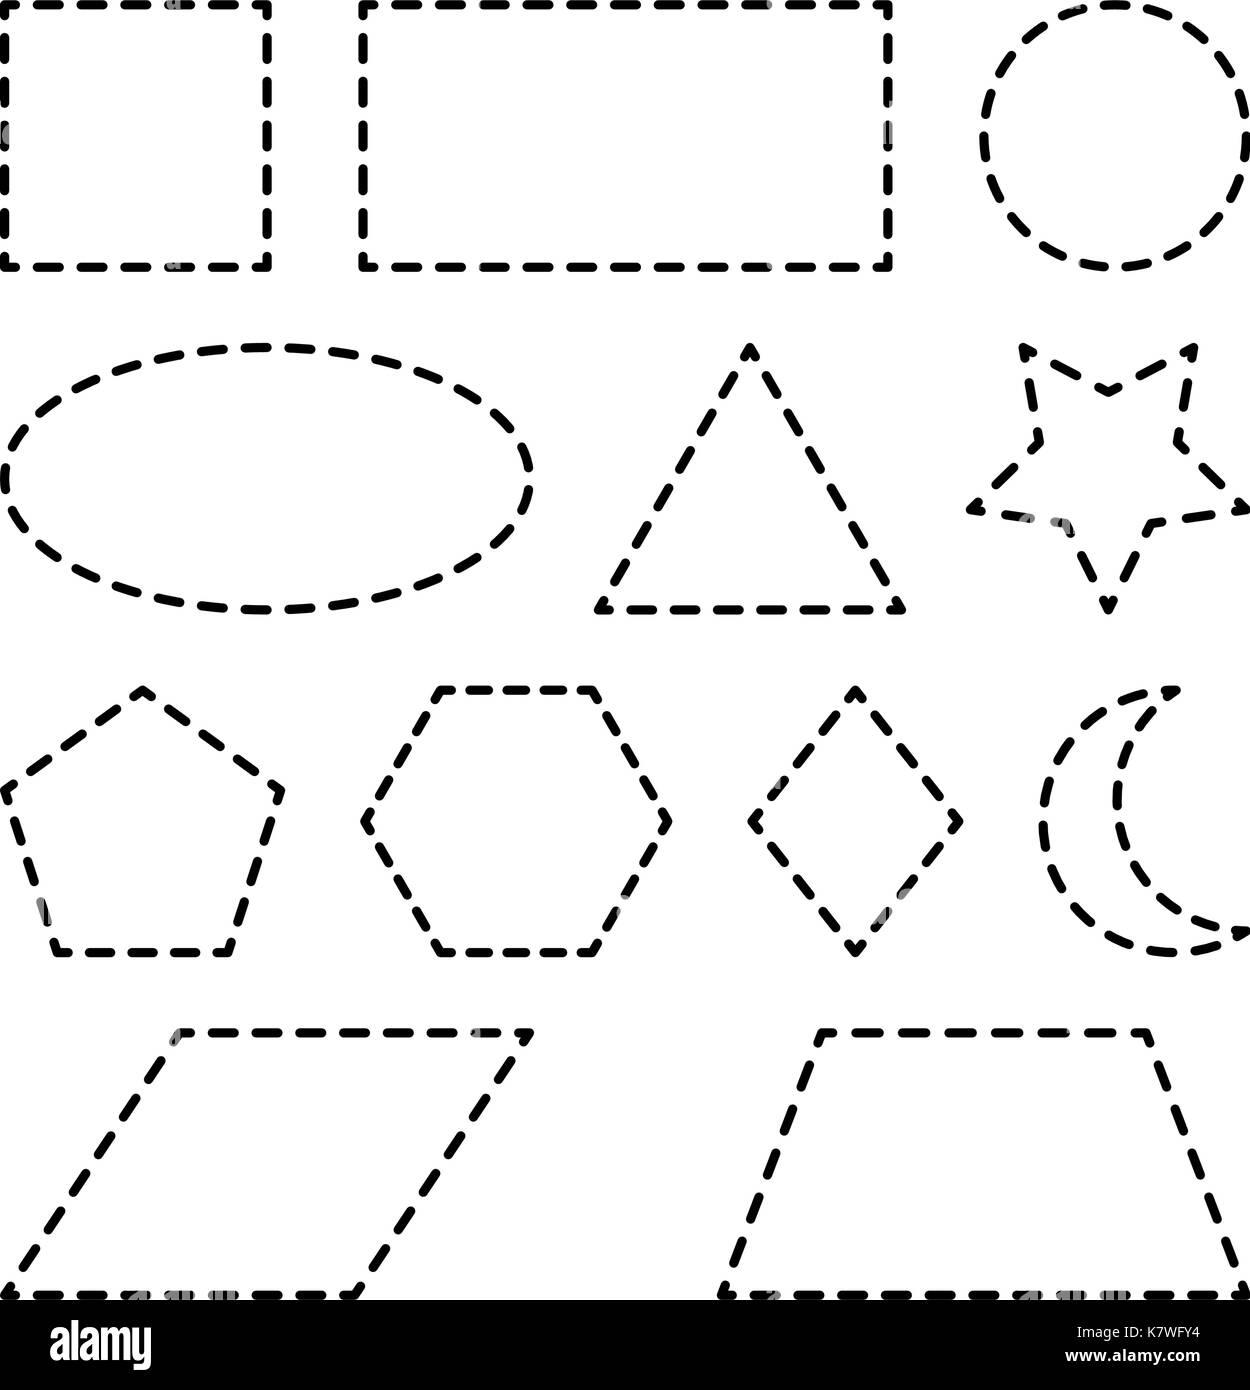 ace6a660d3452 Formes géométriques Carré, Cercle, ovale, triangle, hexagone ...